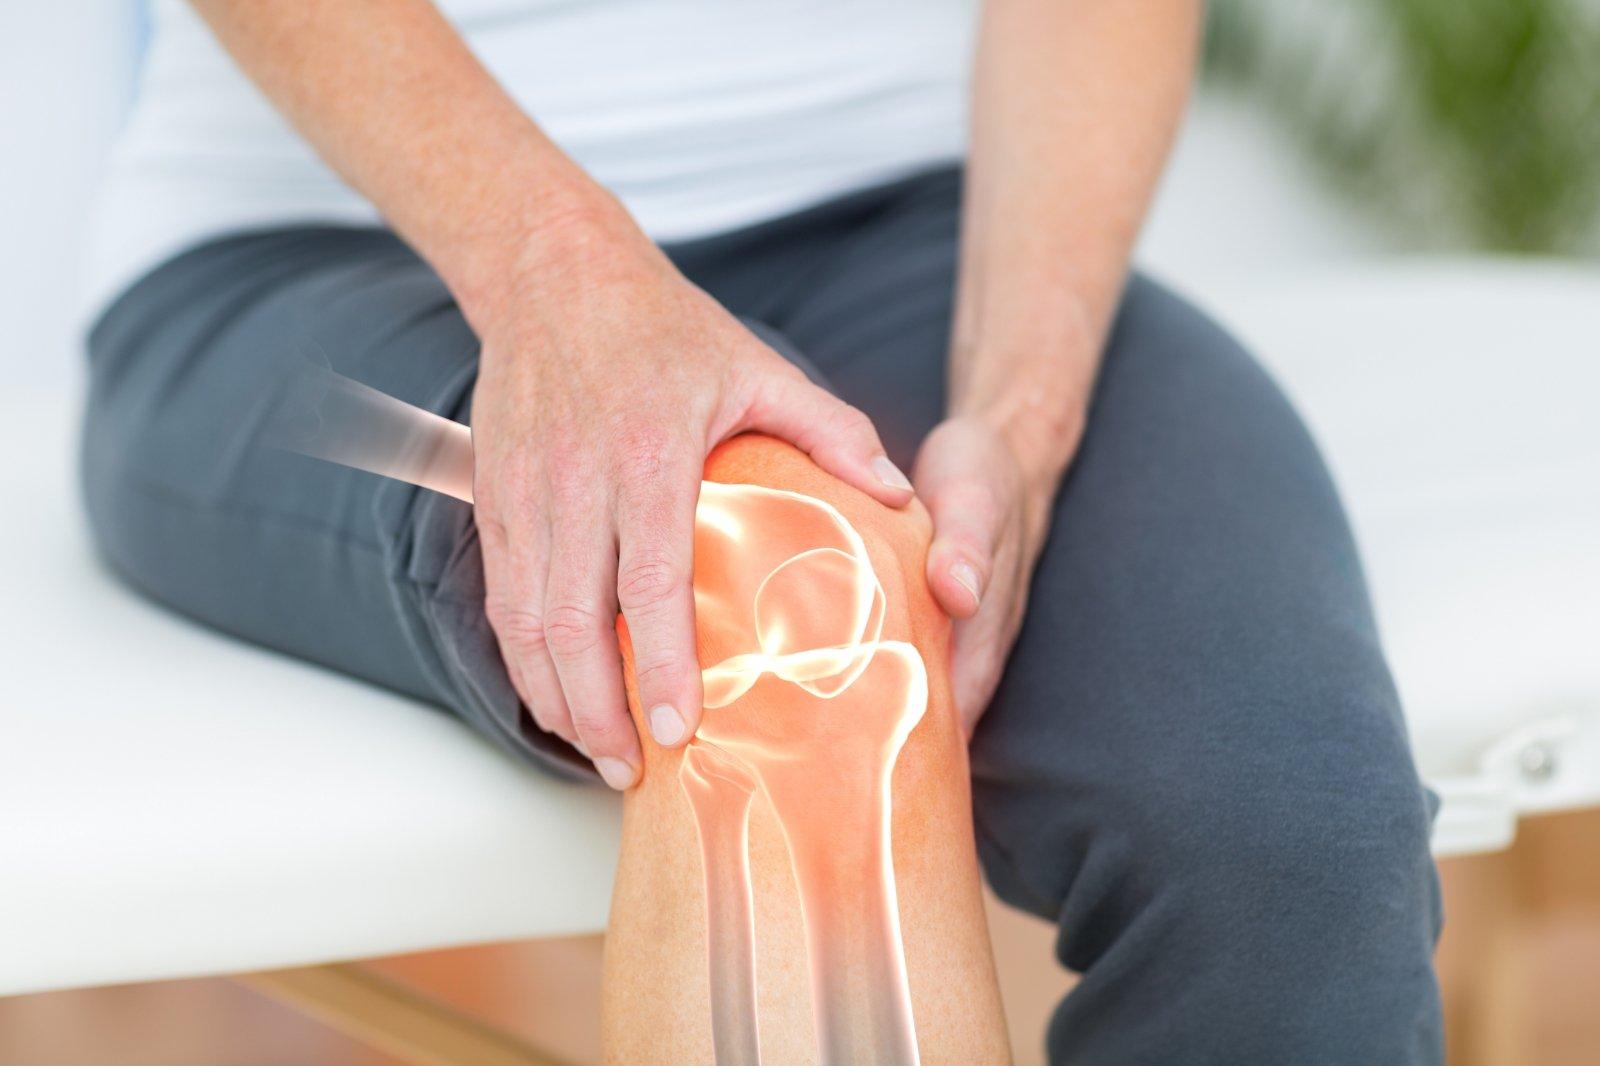 tepalas nuo skausmo sąnarių ir raumenų namuose